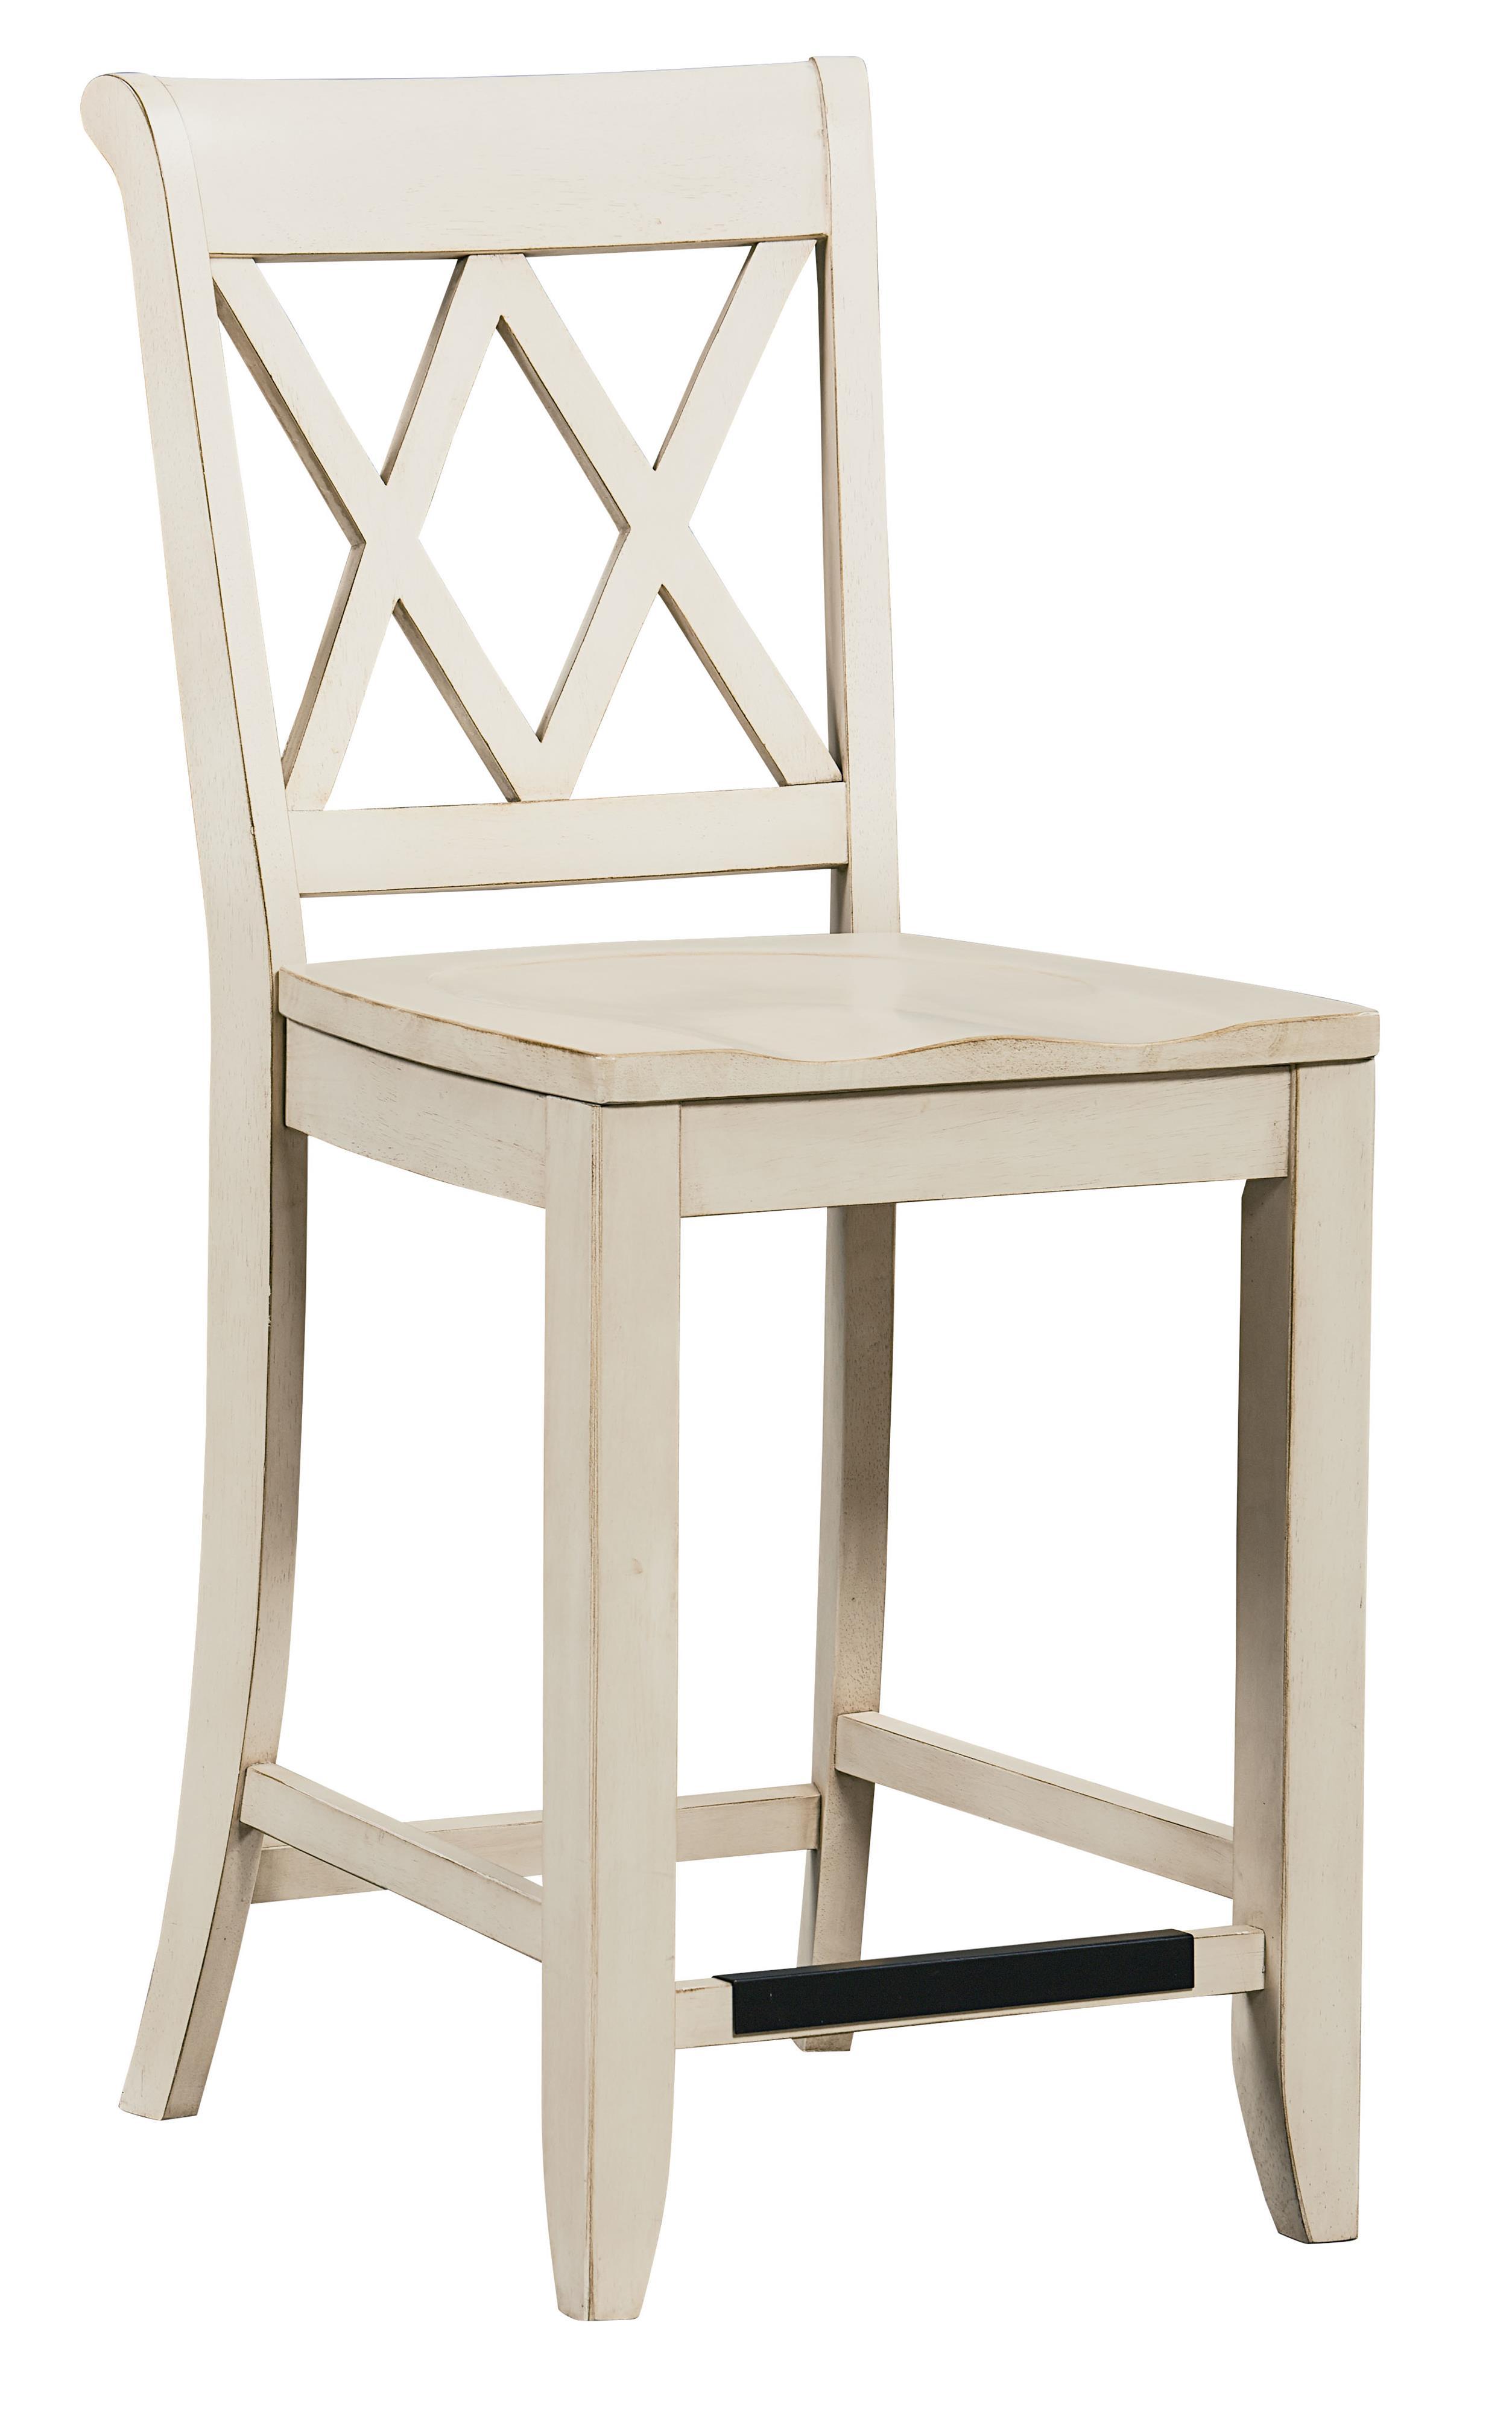 Standard Furniture Vintage Vanilla Counter Height Stool